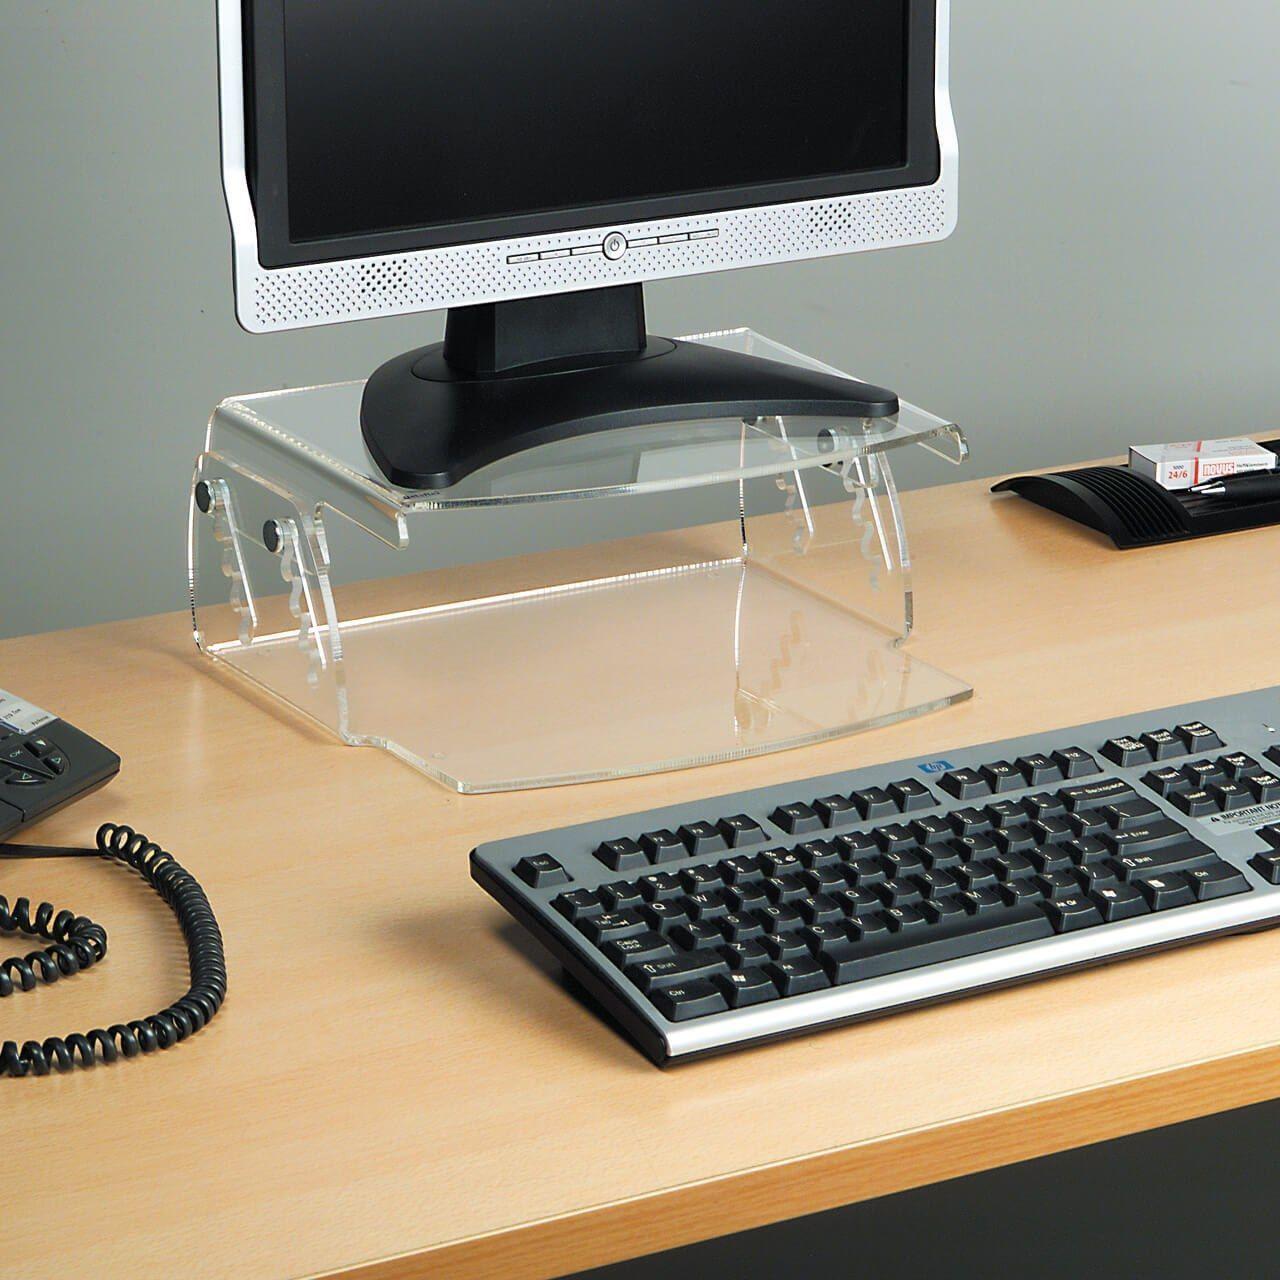 Monitormate 2 monitorsteun ERKAM2135 0000s 0000s 0003 Omgeving